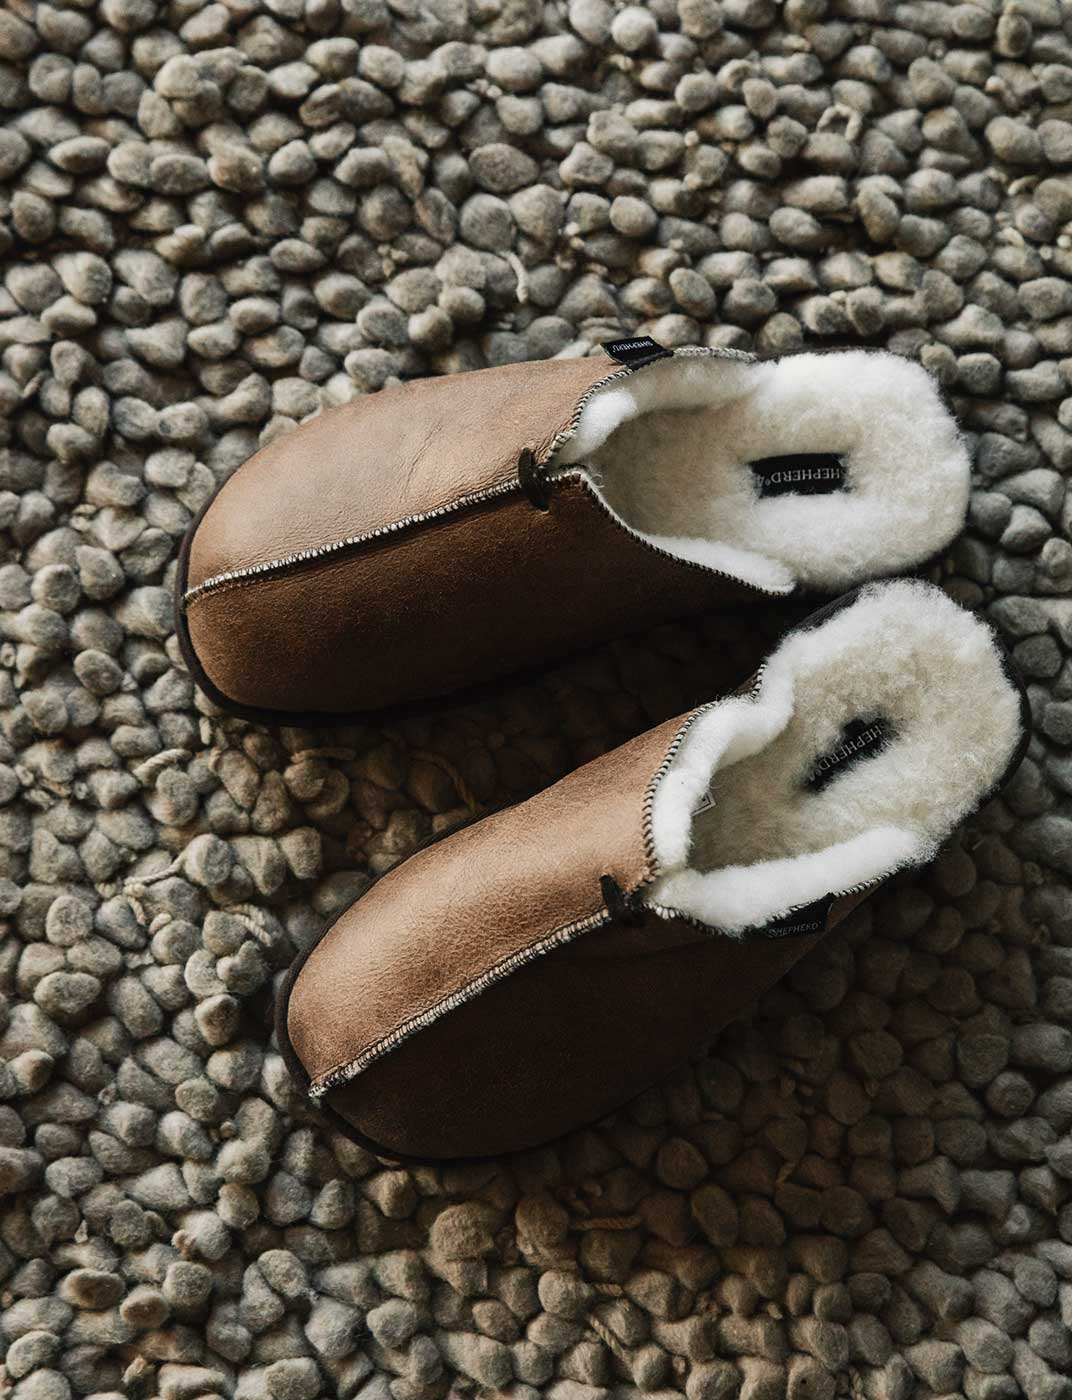 sheepskin slippers in brown